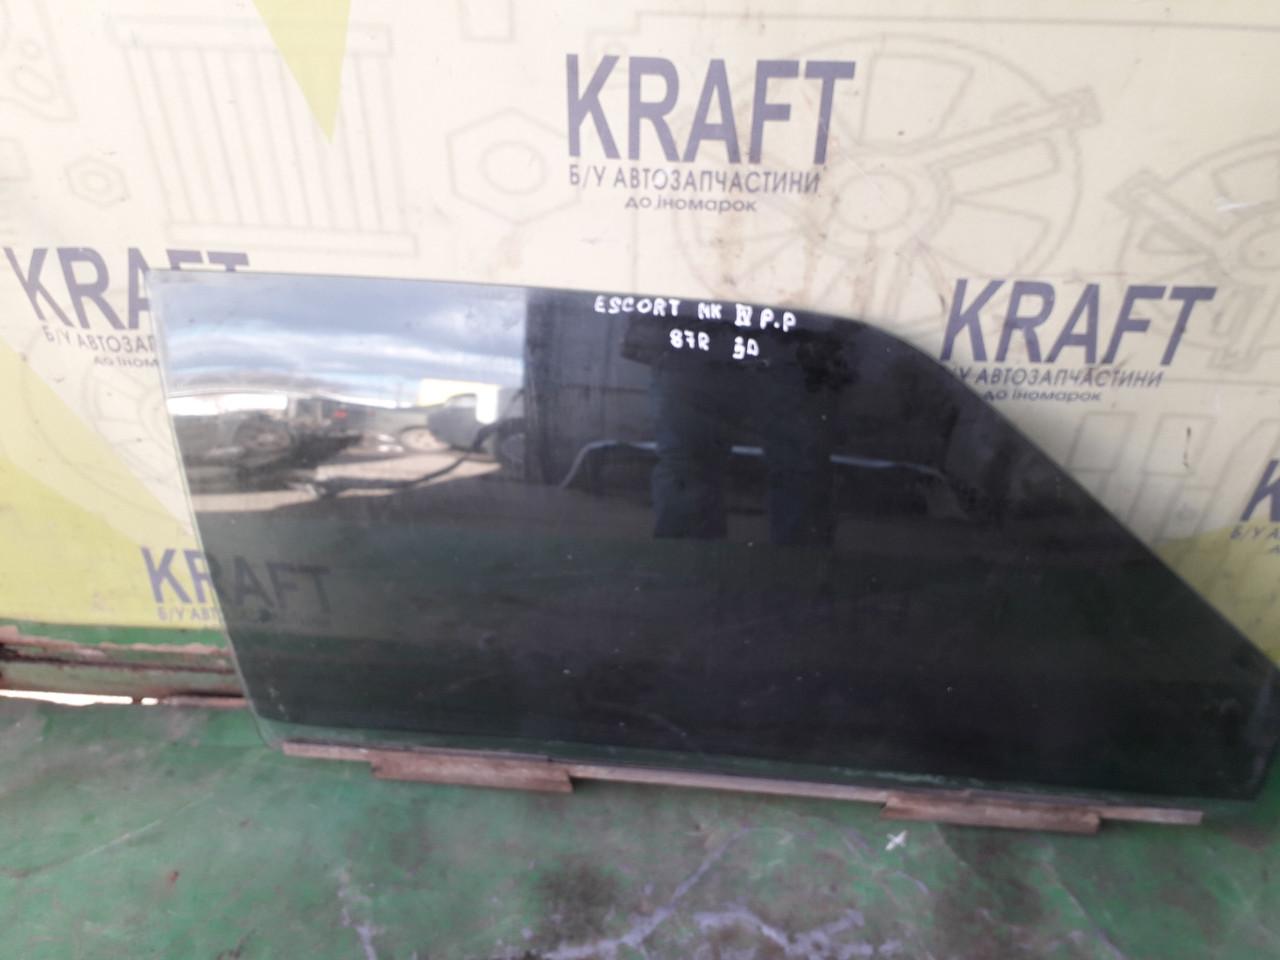 Скло дверей праве переднє для Ford Escort MK4 3х дверка